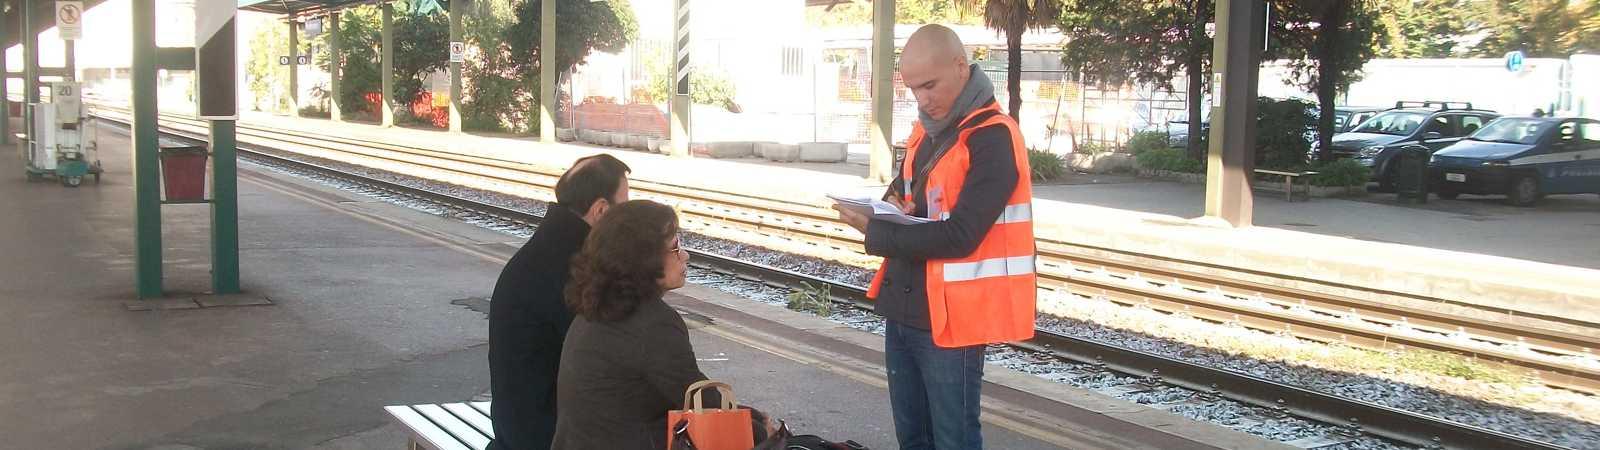 Ricerca intervistatori per indagine di customer satisfaction presso la rete ferroviaria lombarda